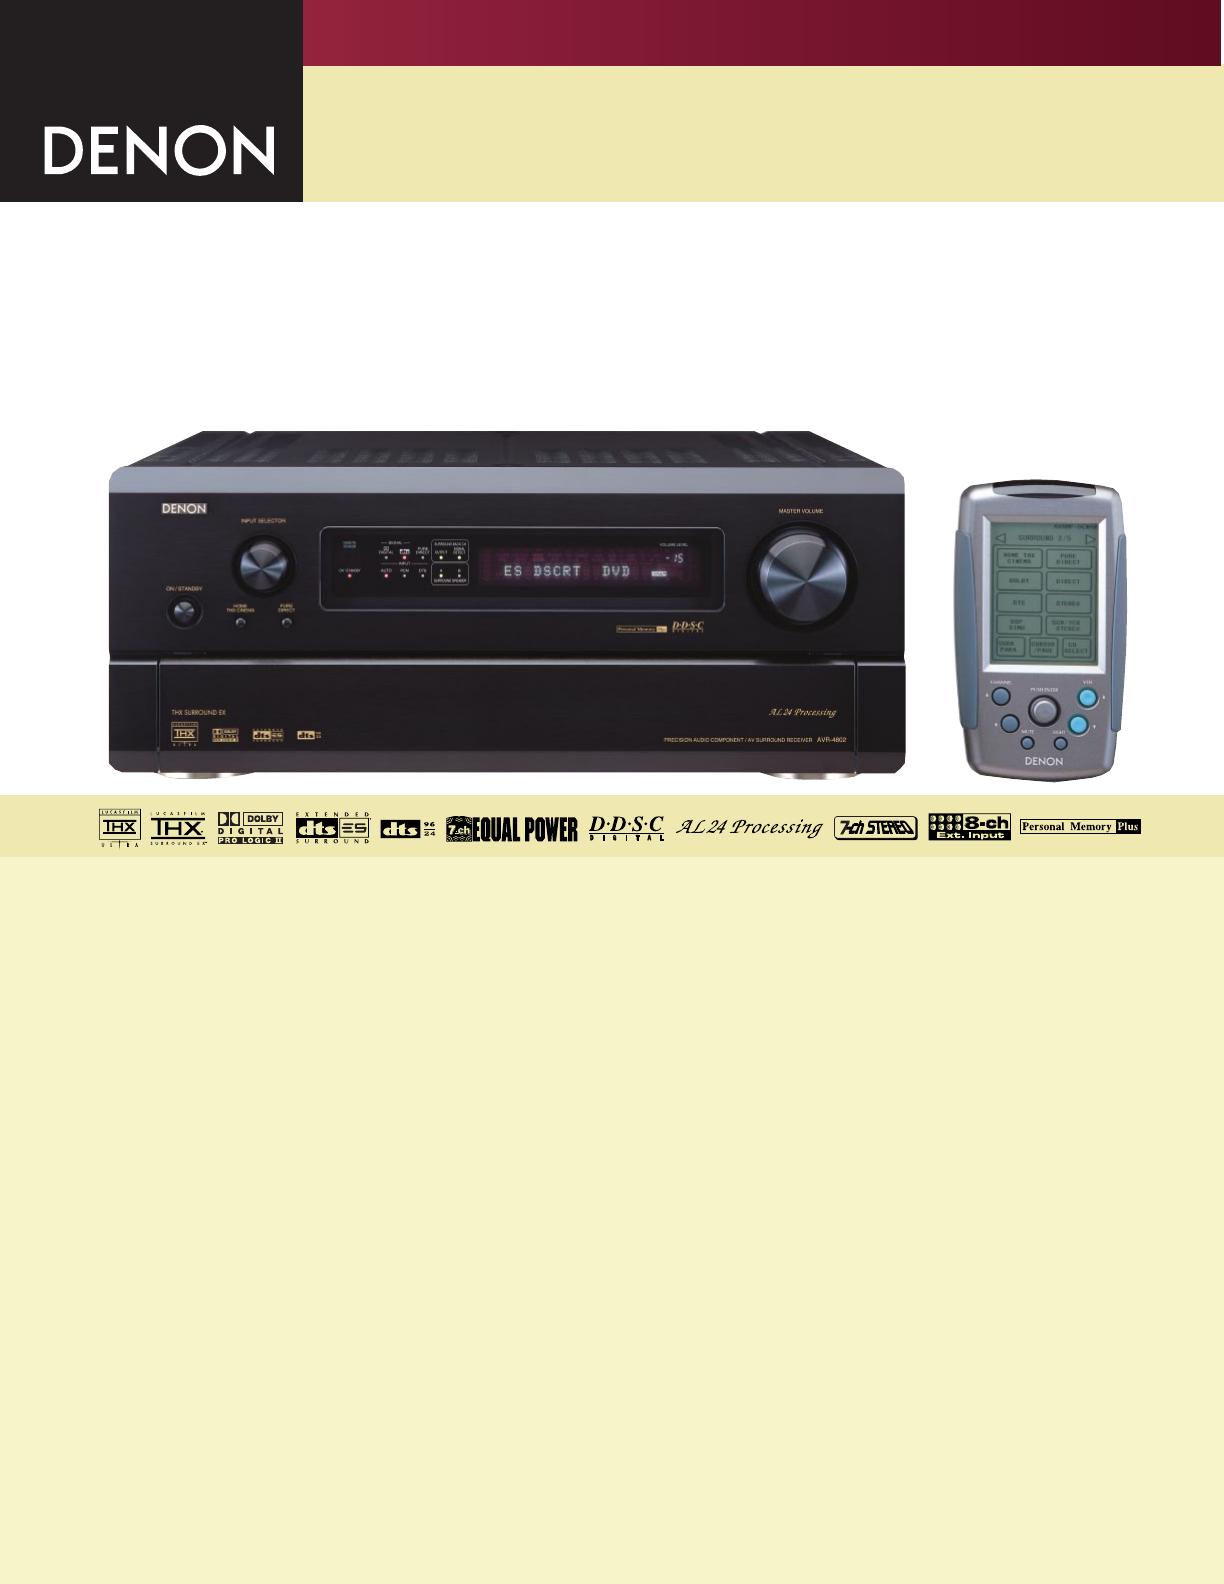 denon stereo system avr 4802 user guide manualsonline com rh audio manualsonline com Denon 5 1 Denon 5 1